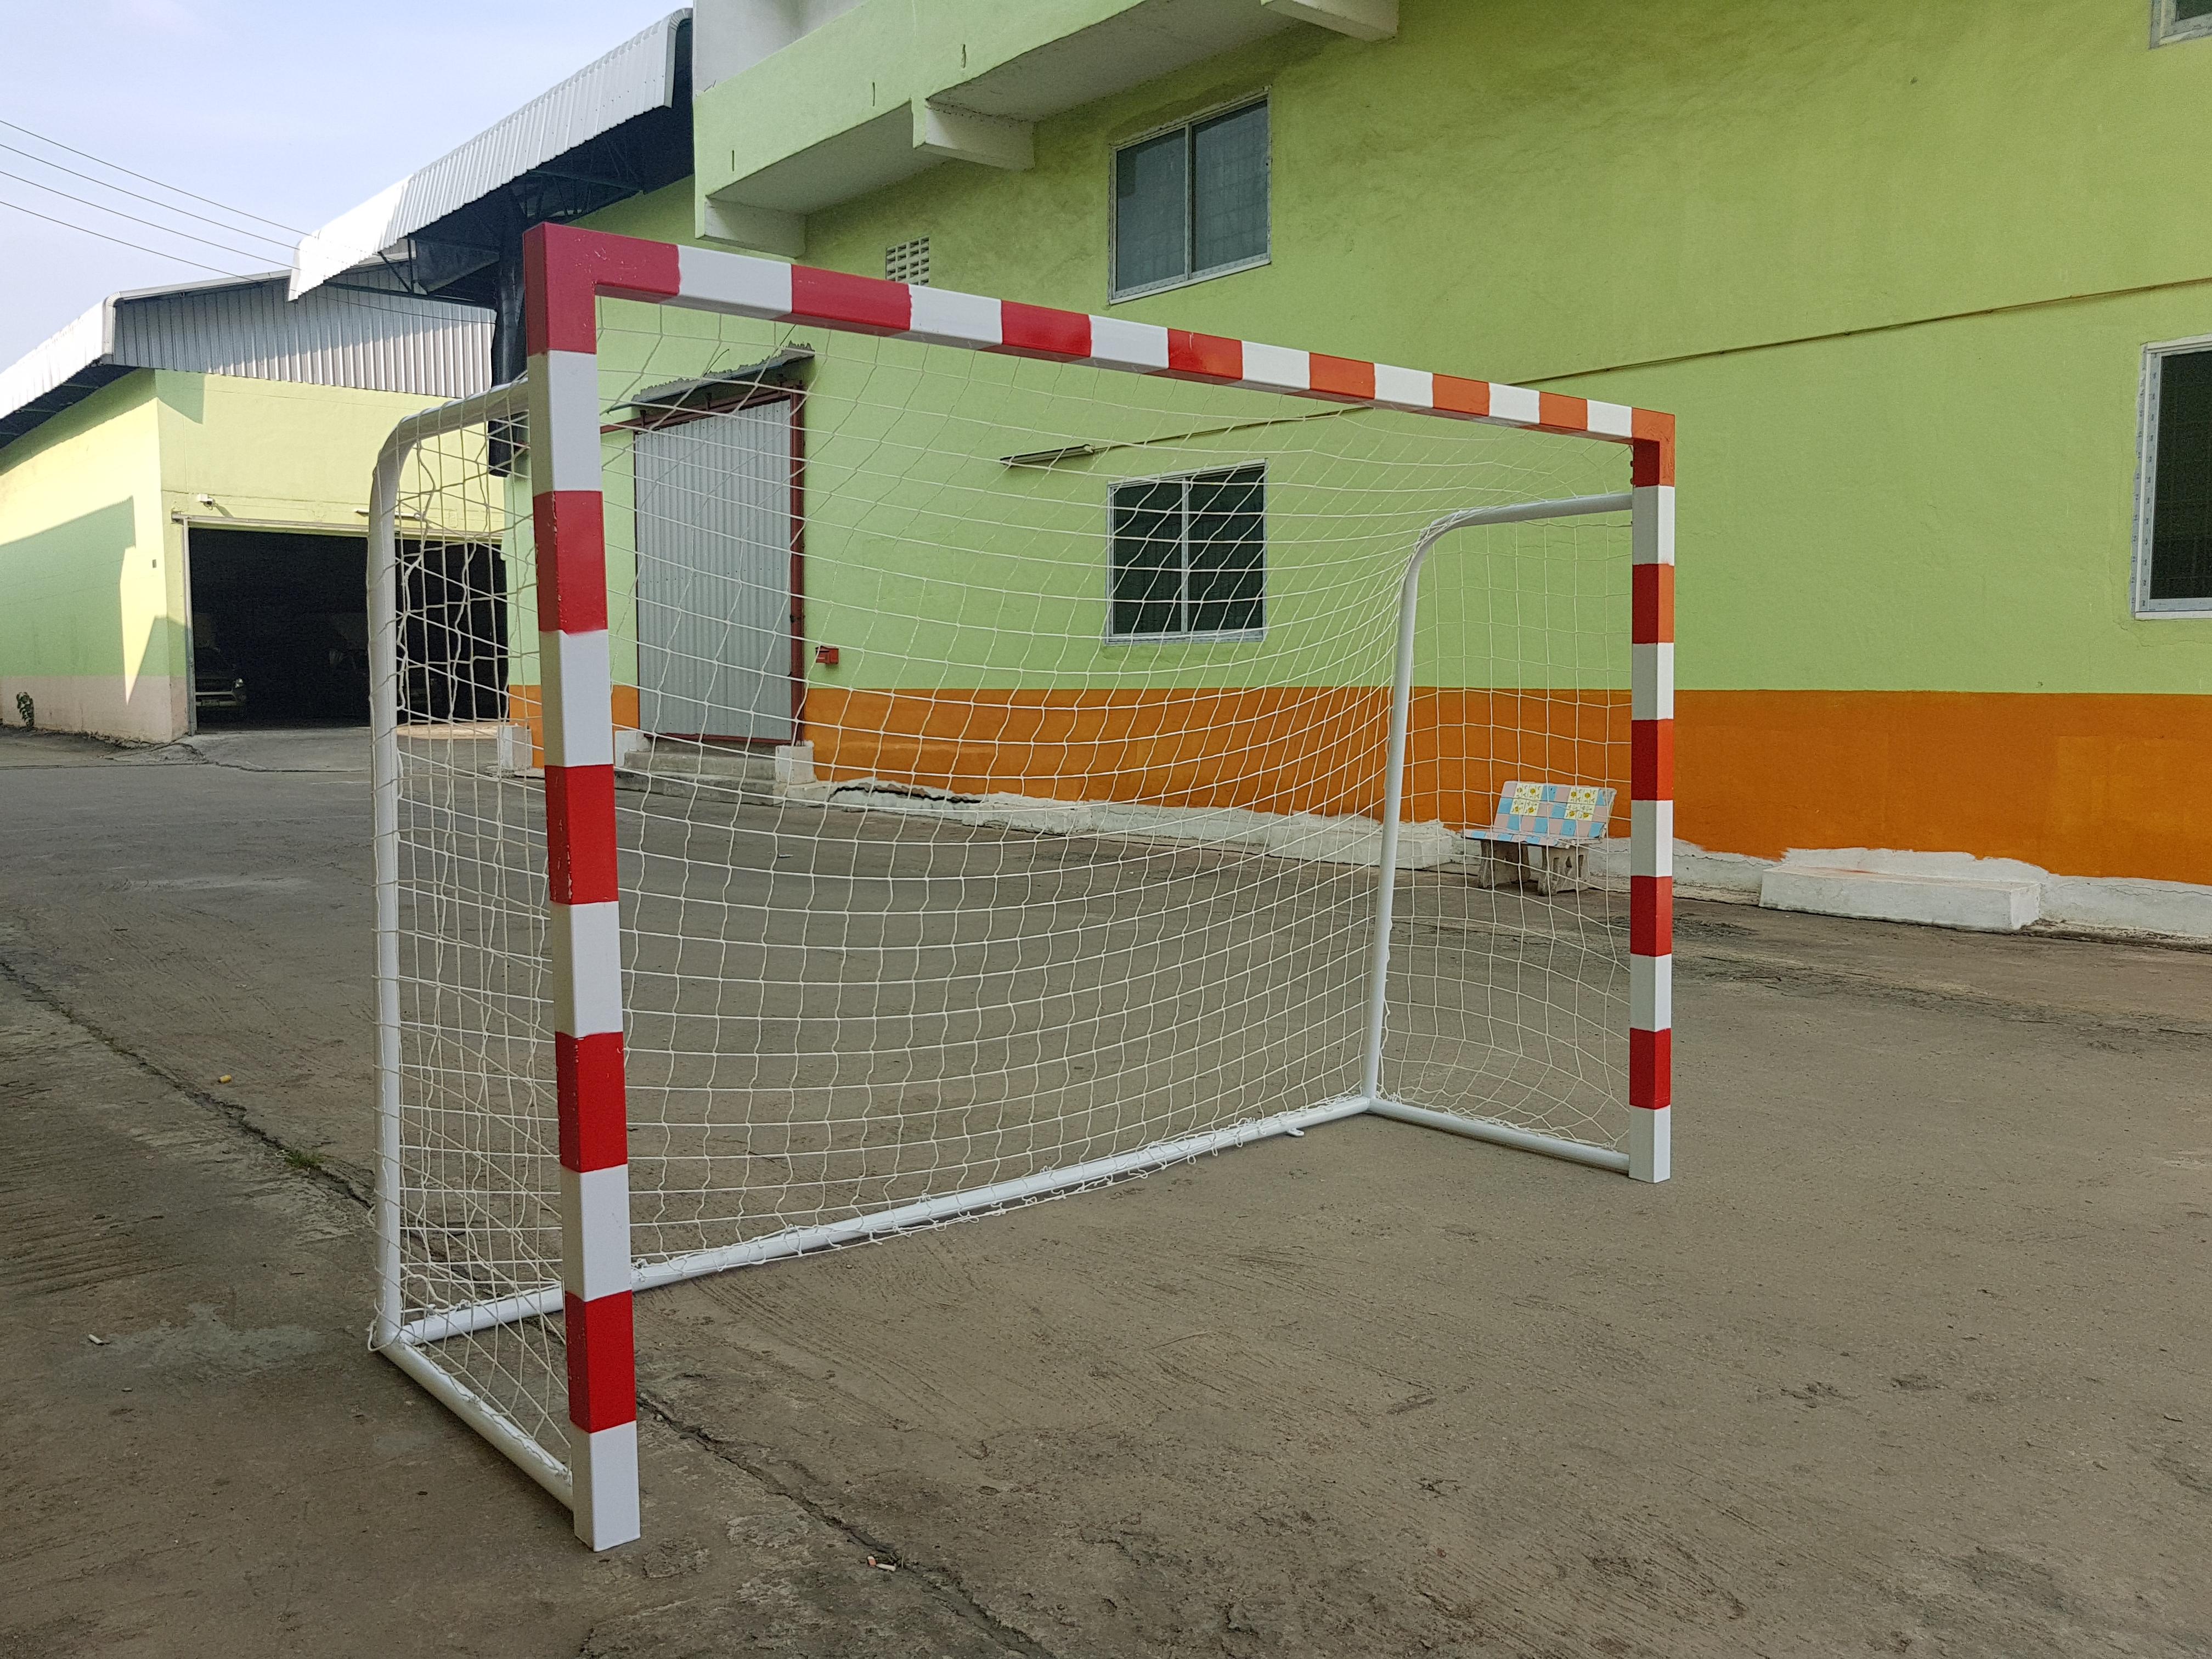 Futsal goal standard size